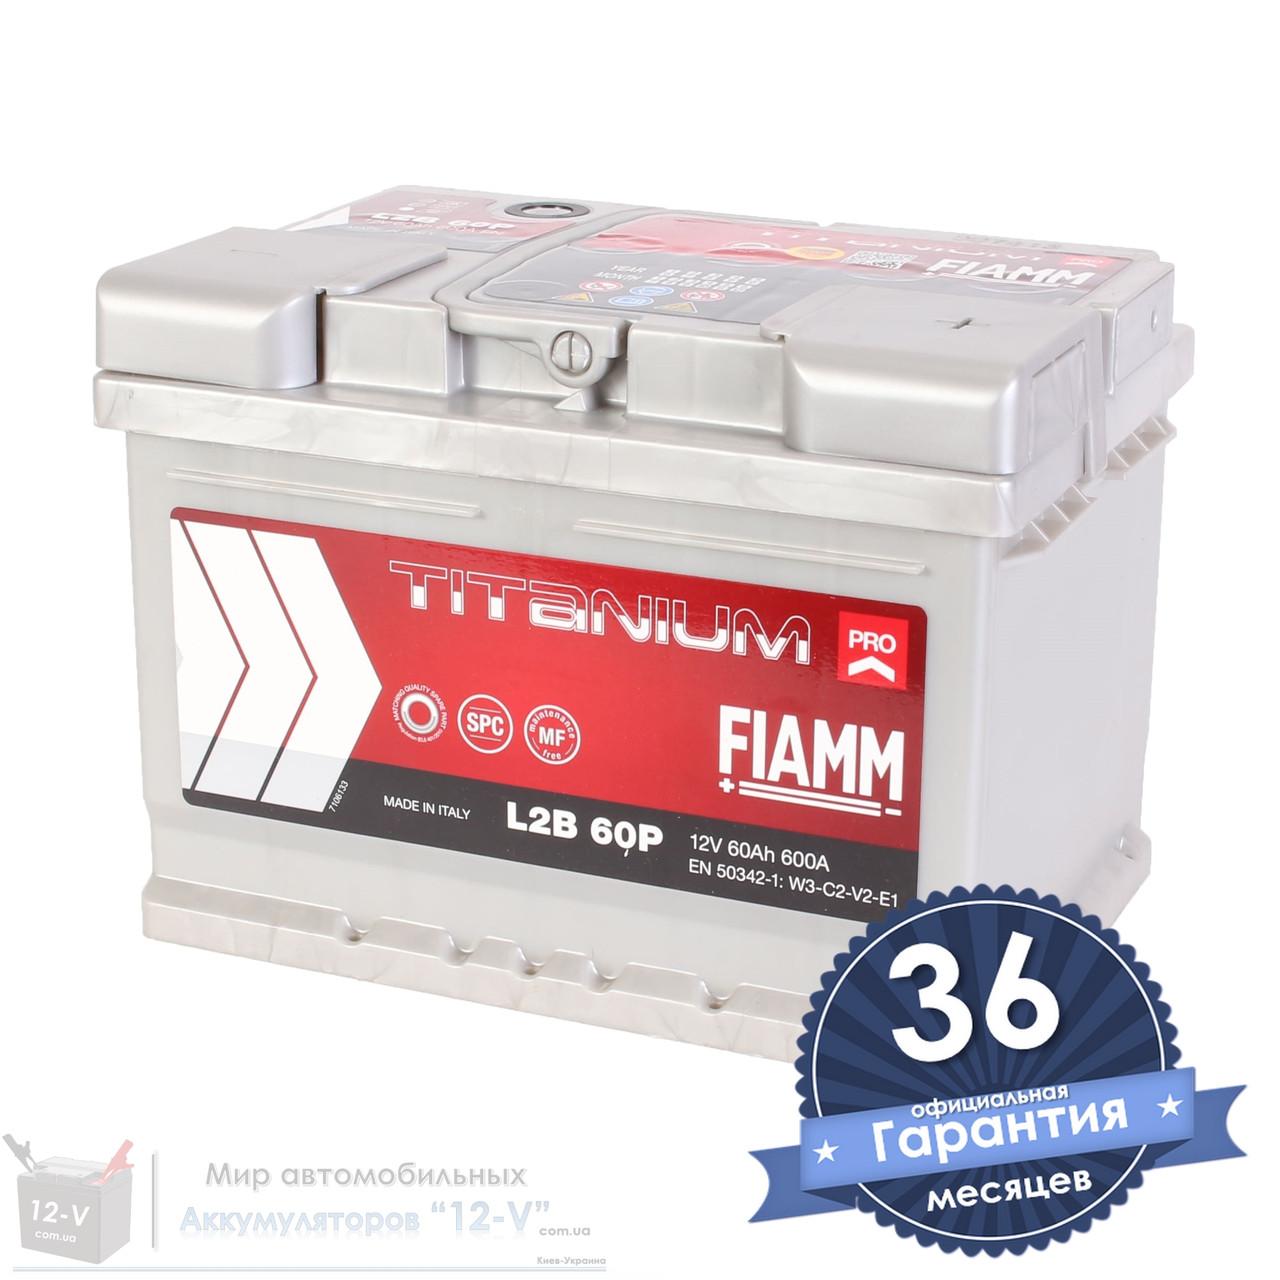 Аккумулятор автомобильный FIAMM Titanium Pro 6CT 60Ah, пусковой ток 600А (Низкий) [– +] (L2B 60P)